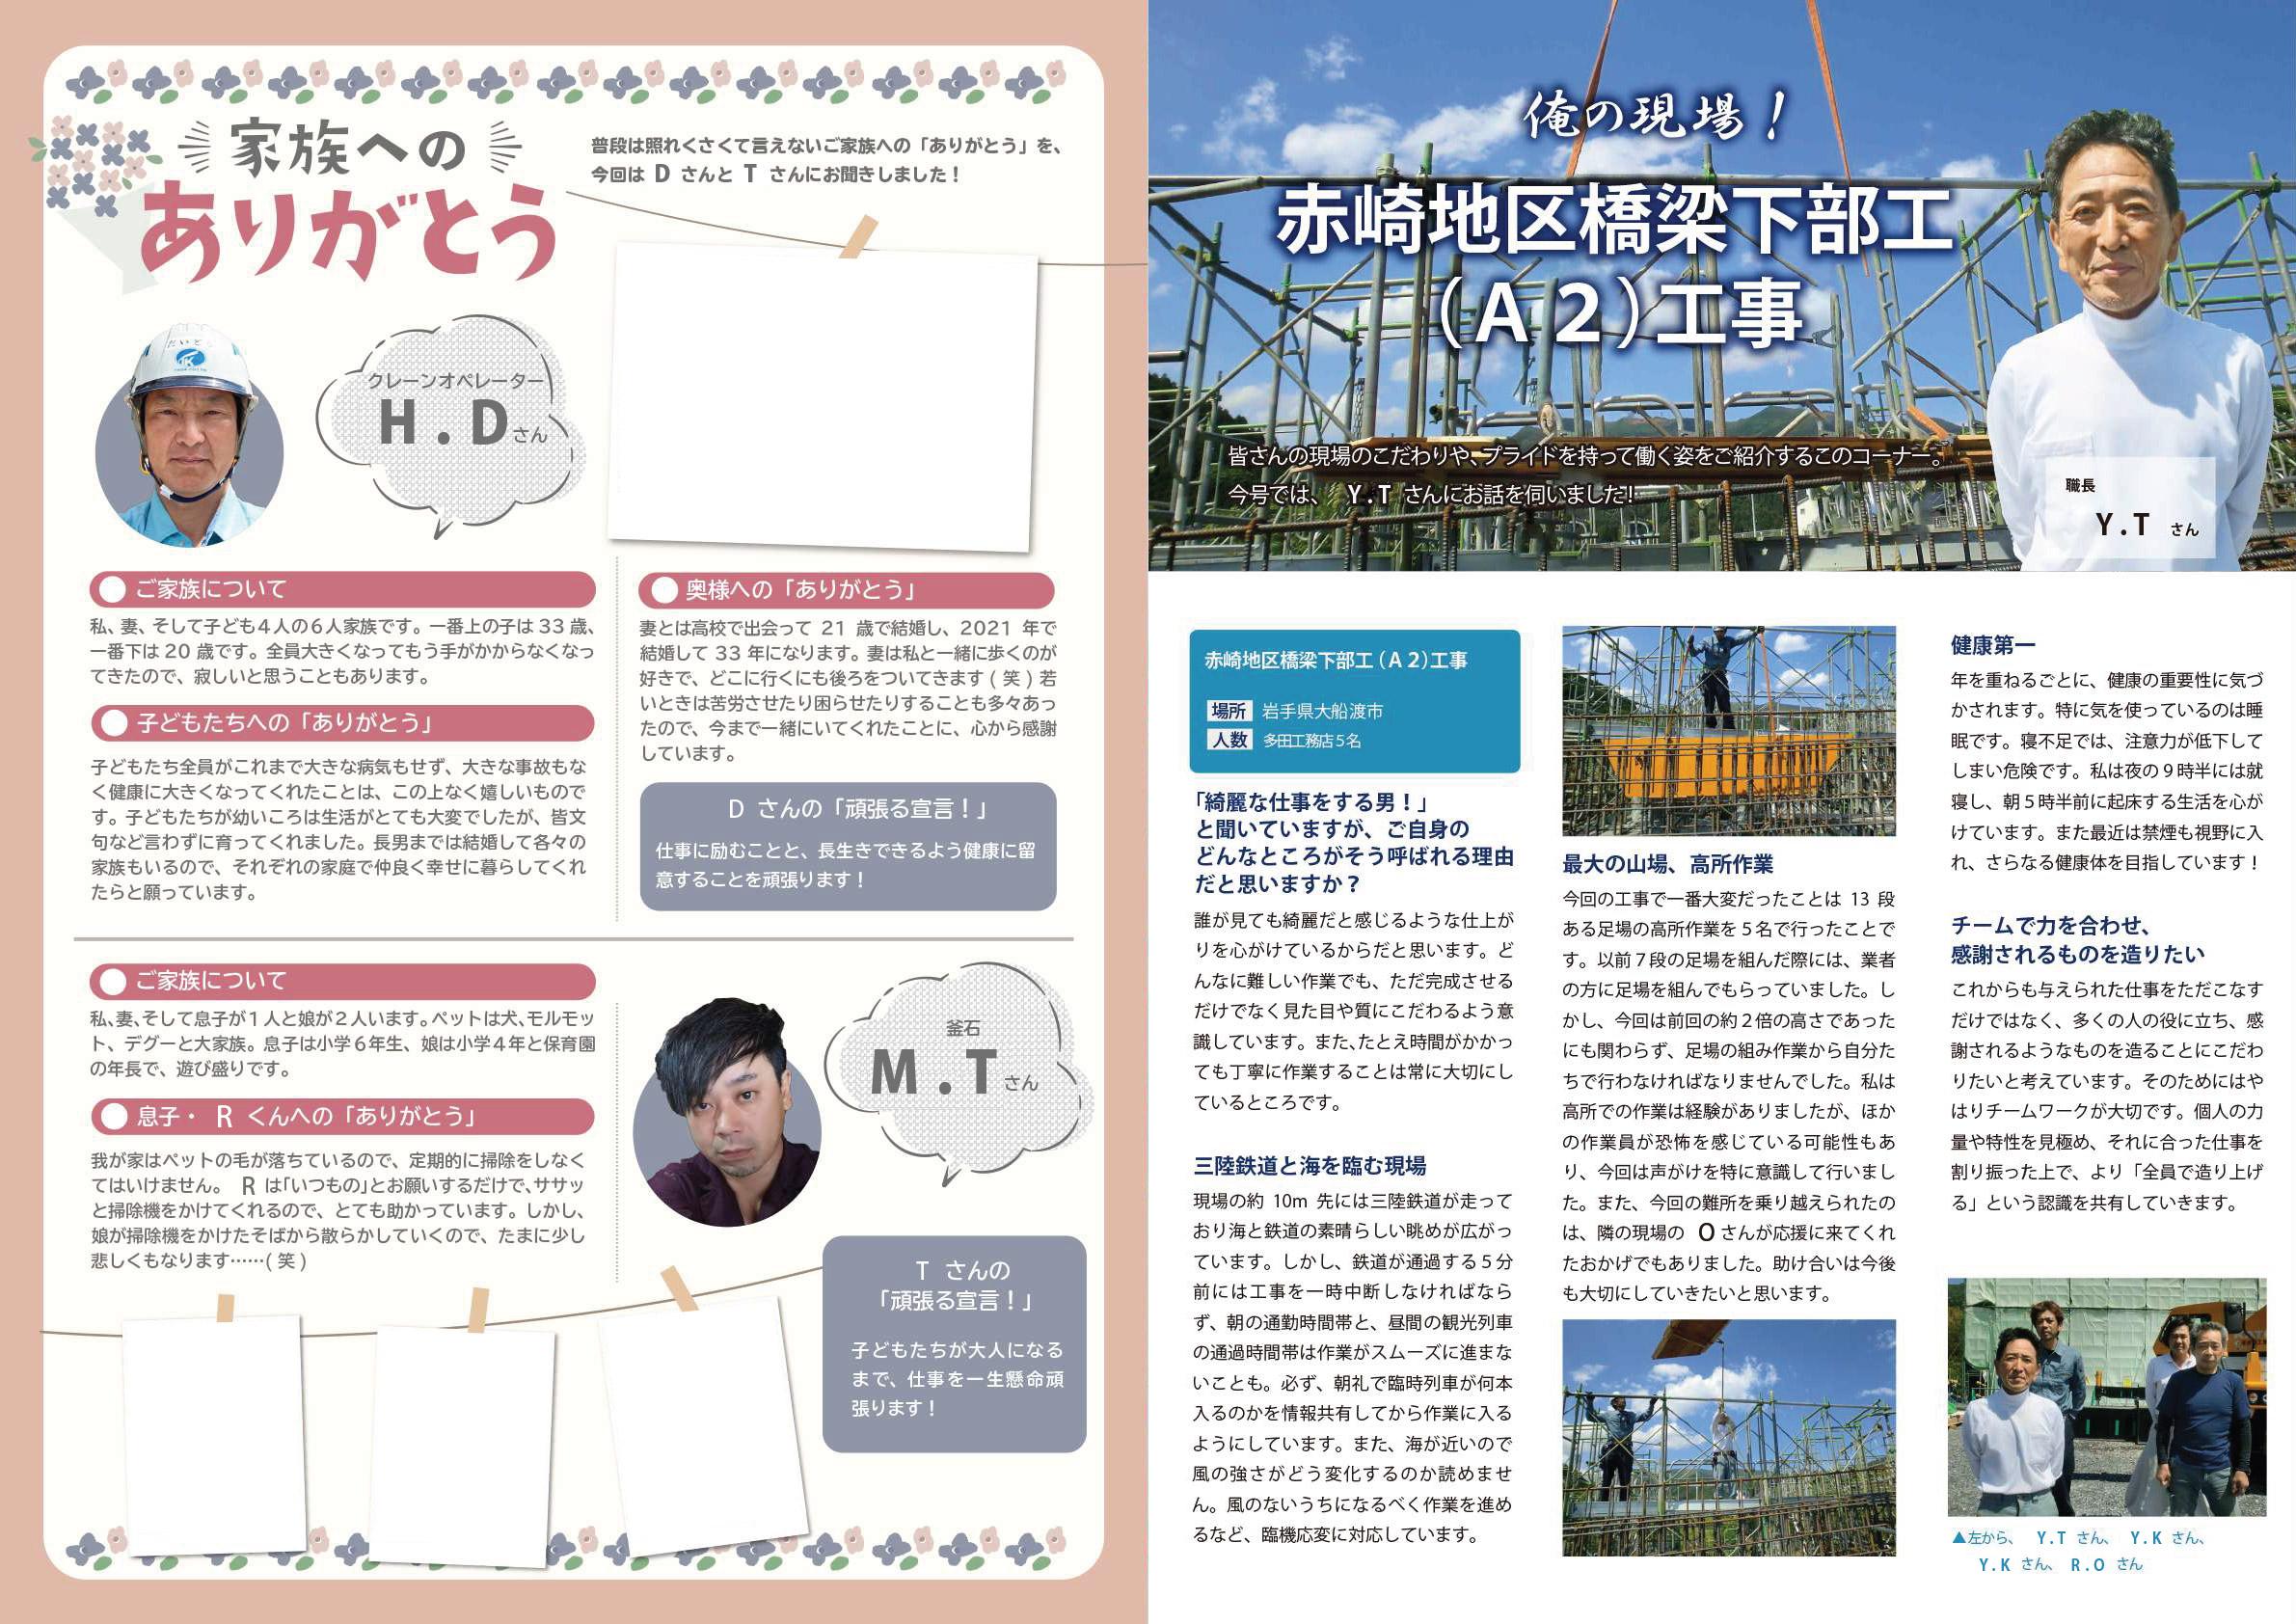 TKplus vol.9 2021年6月25日発行